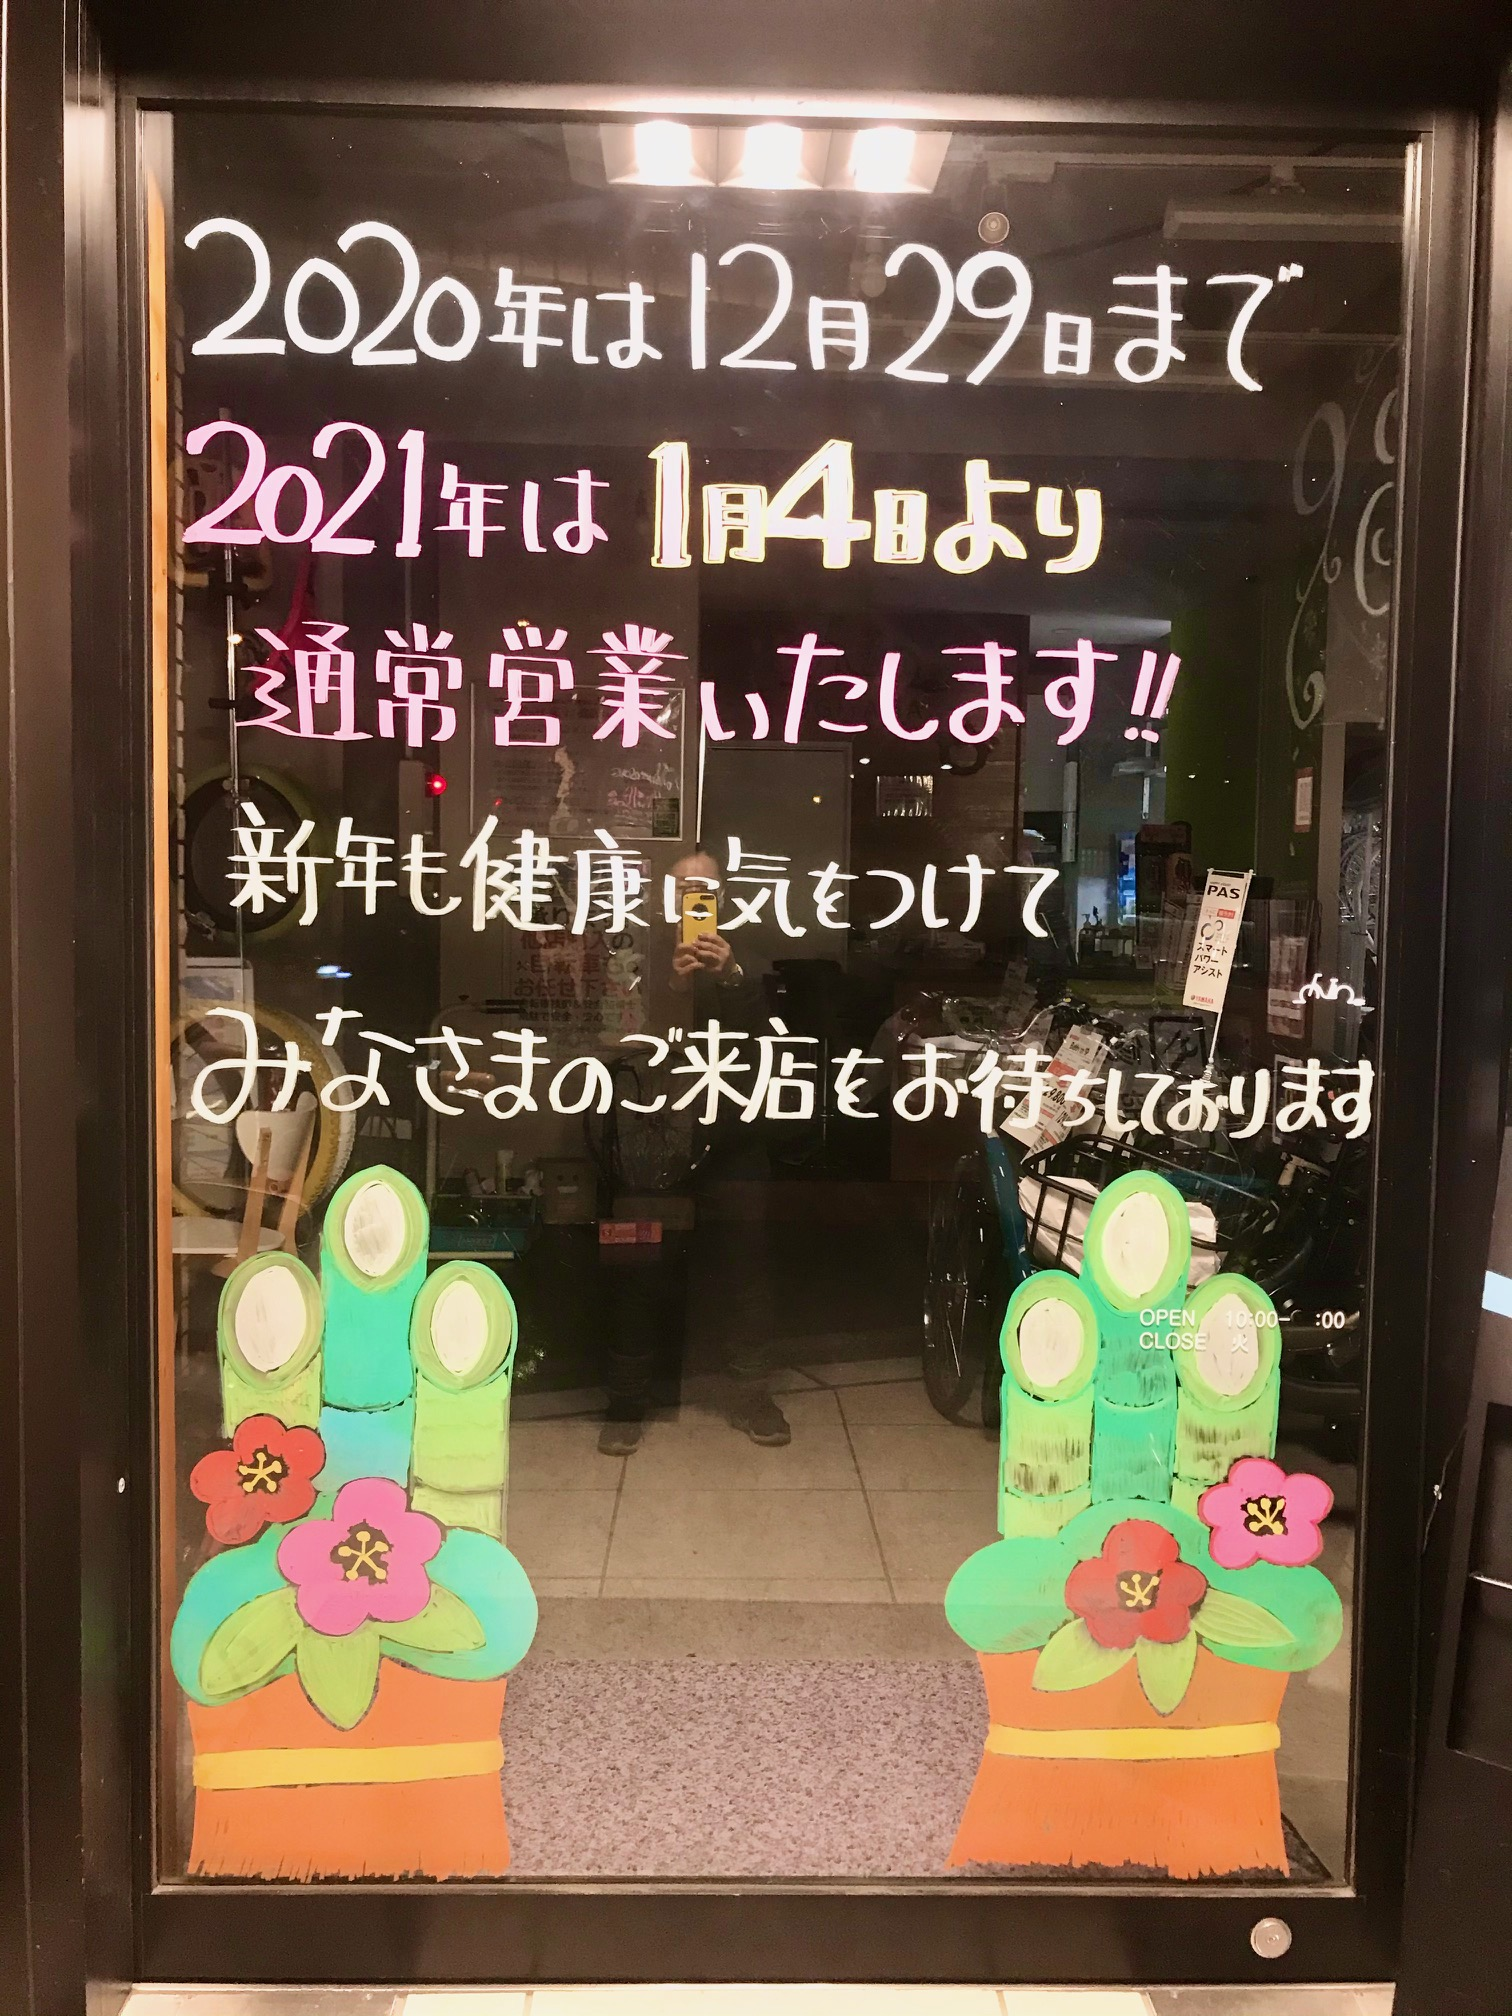 【大井町店】年末年始のお知らせ